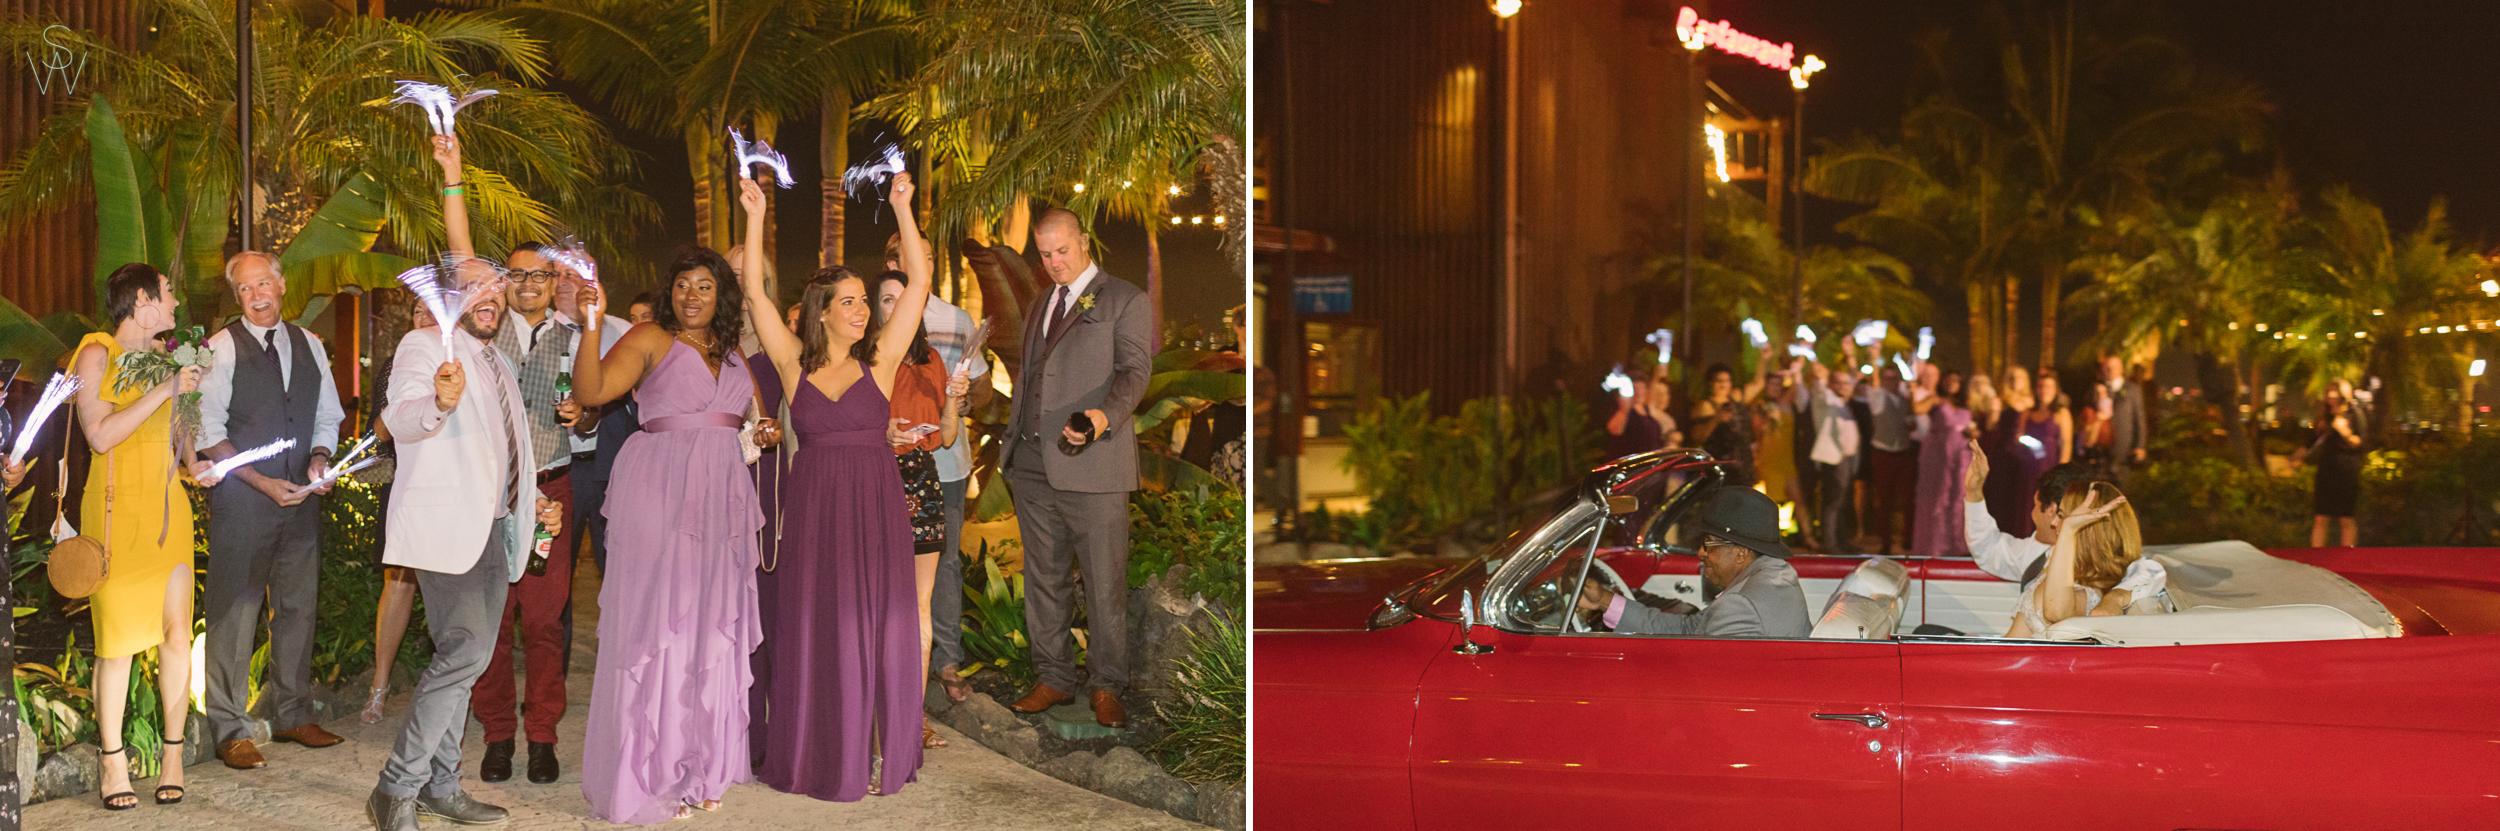 215San.diego.wedding.shewanders.photography.JPG